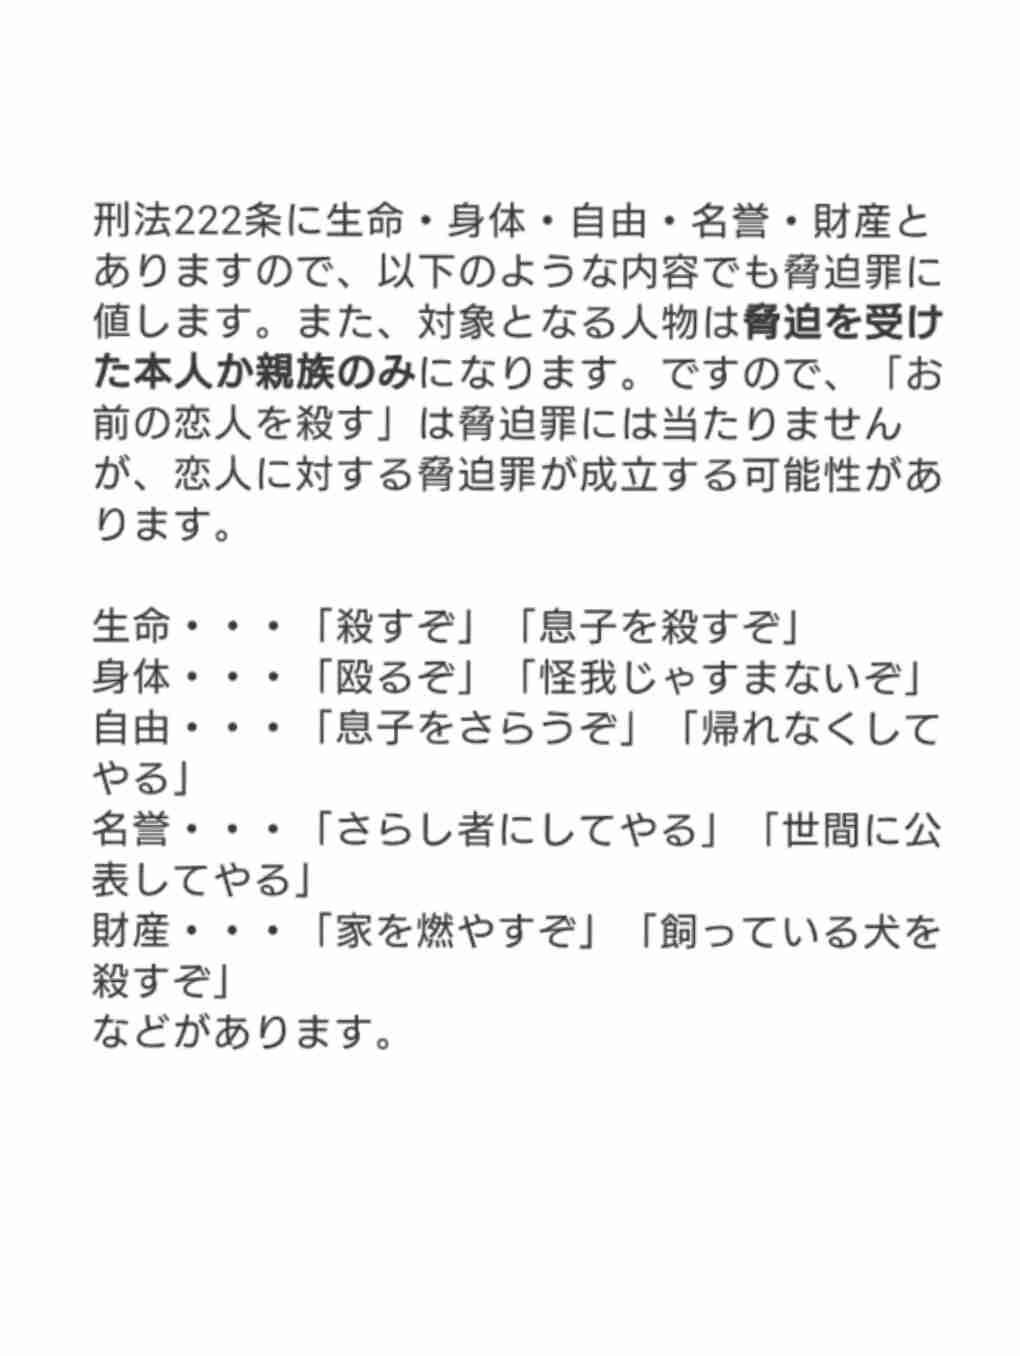 青山テルマ、タクシーで乗車拒否されたら「『マジでボコるよ』と言う」